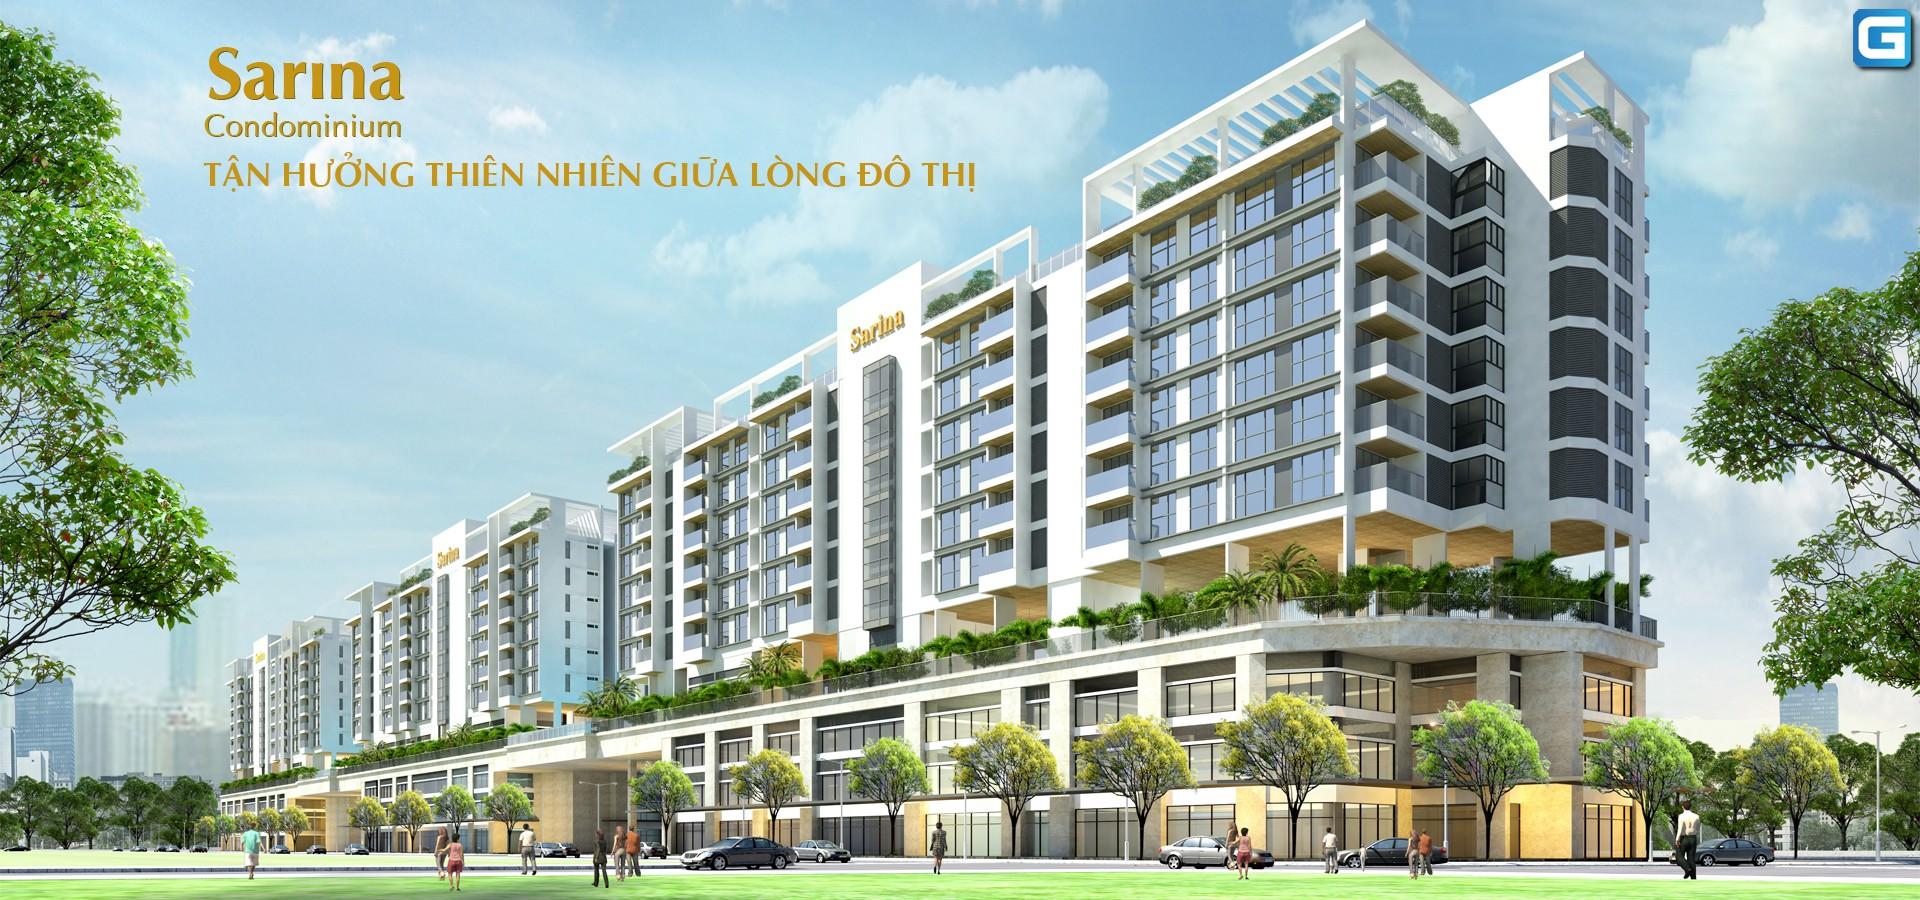 Sarina Condominium Sala